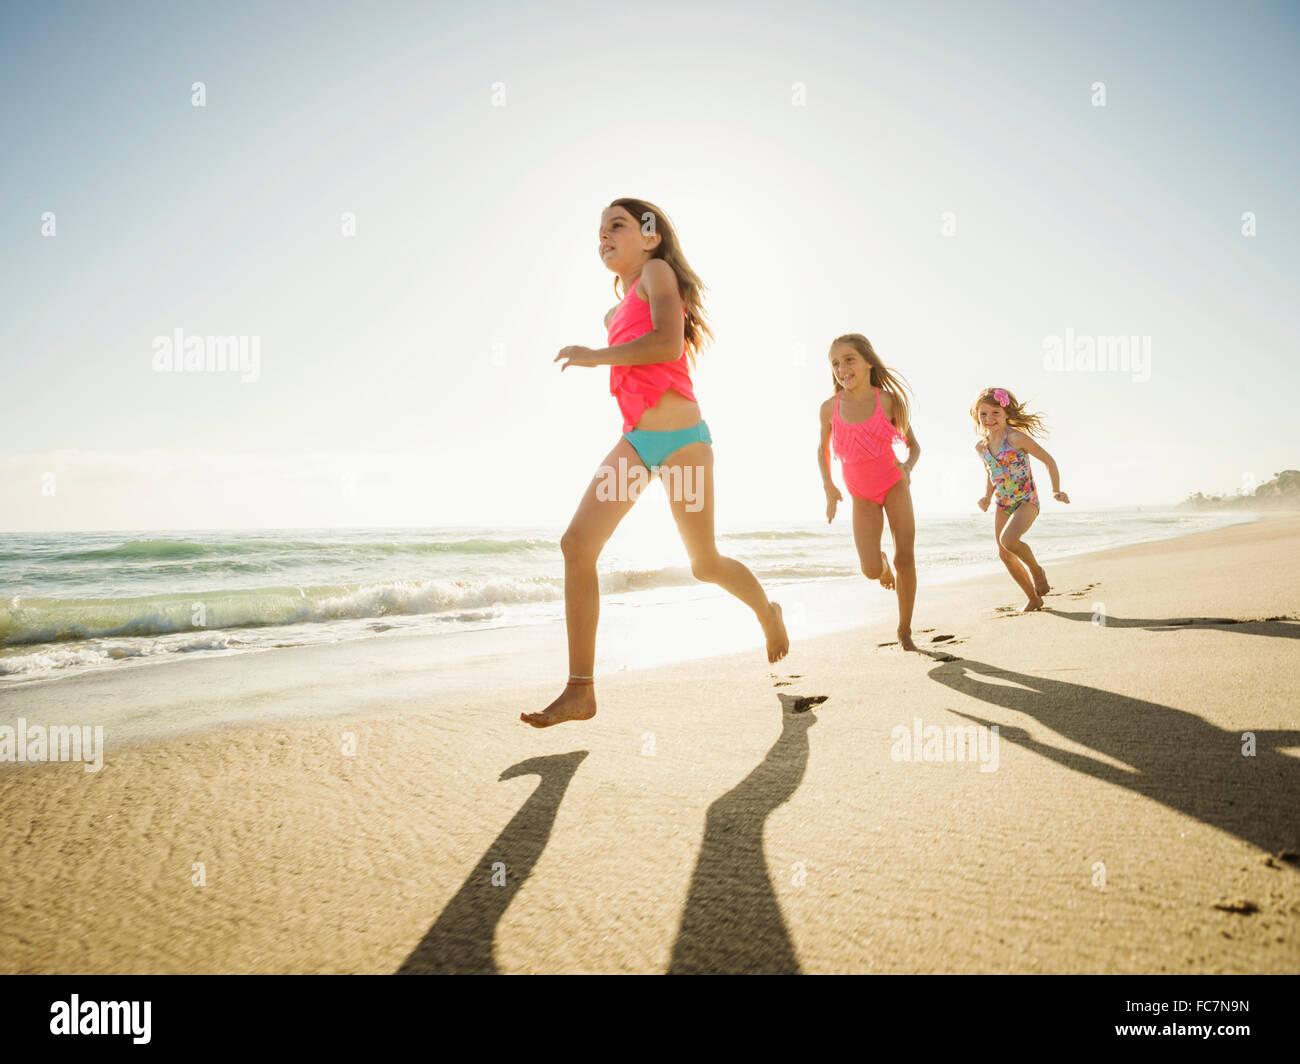 Sœurs de race blanche running on beach Banque D'Images